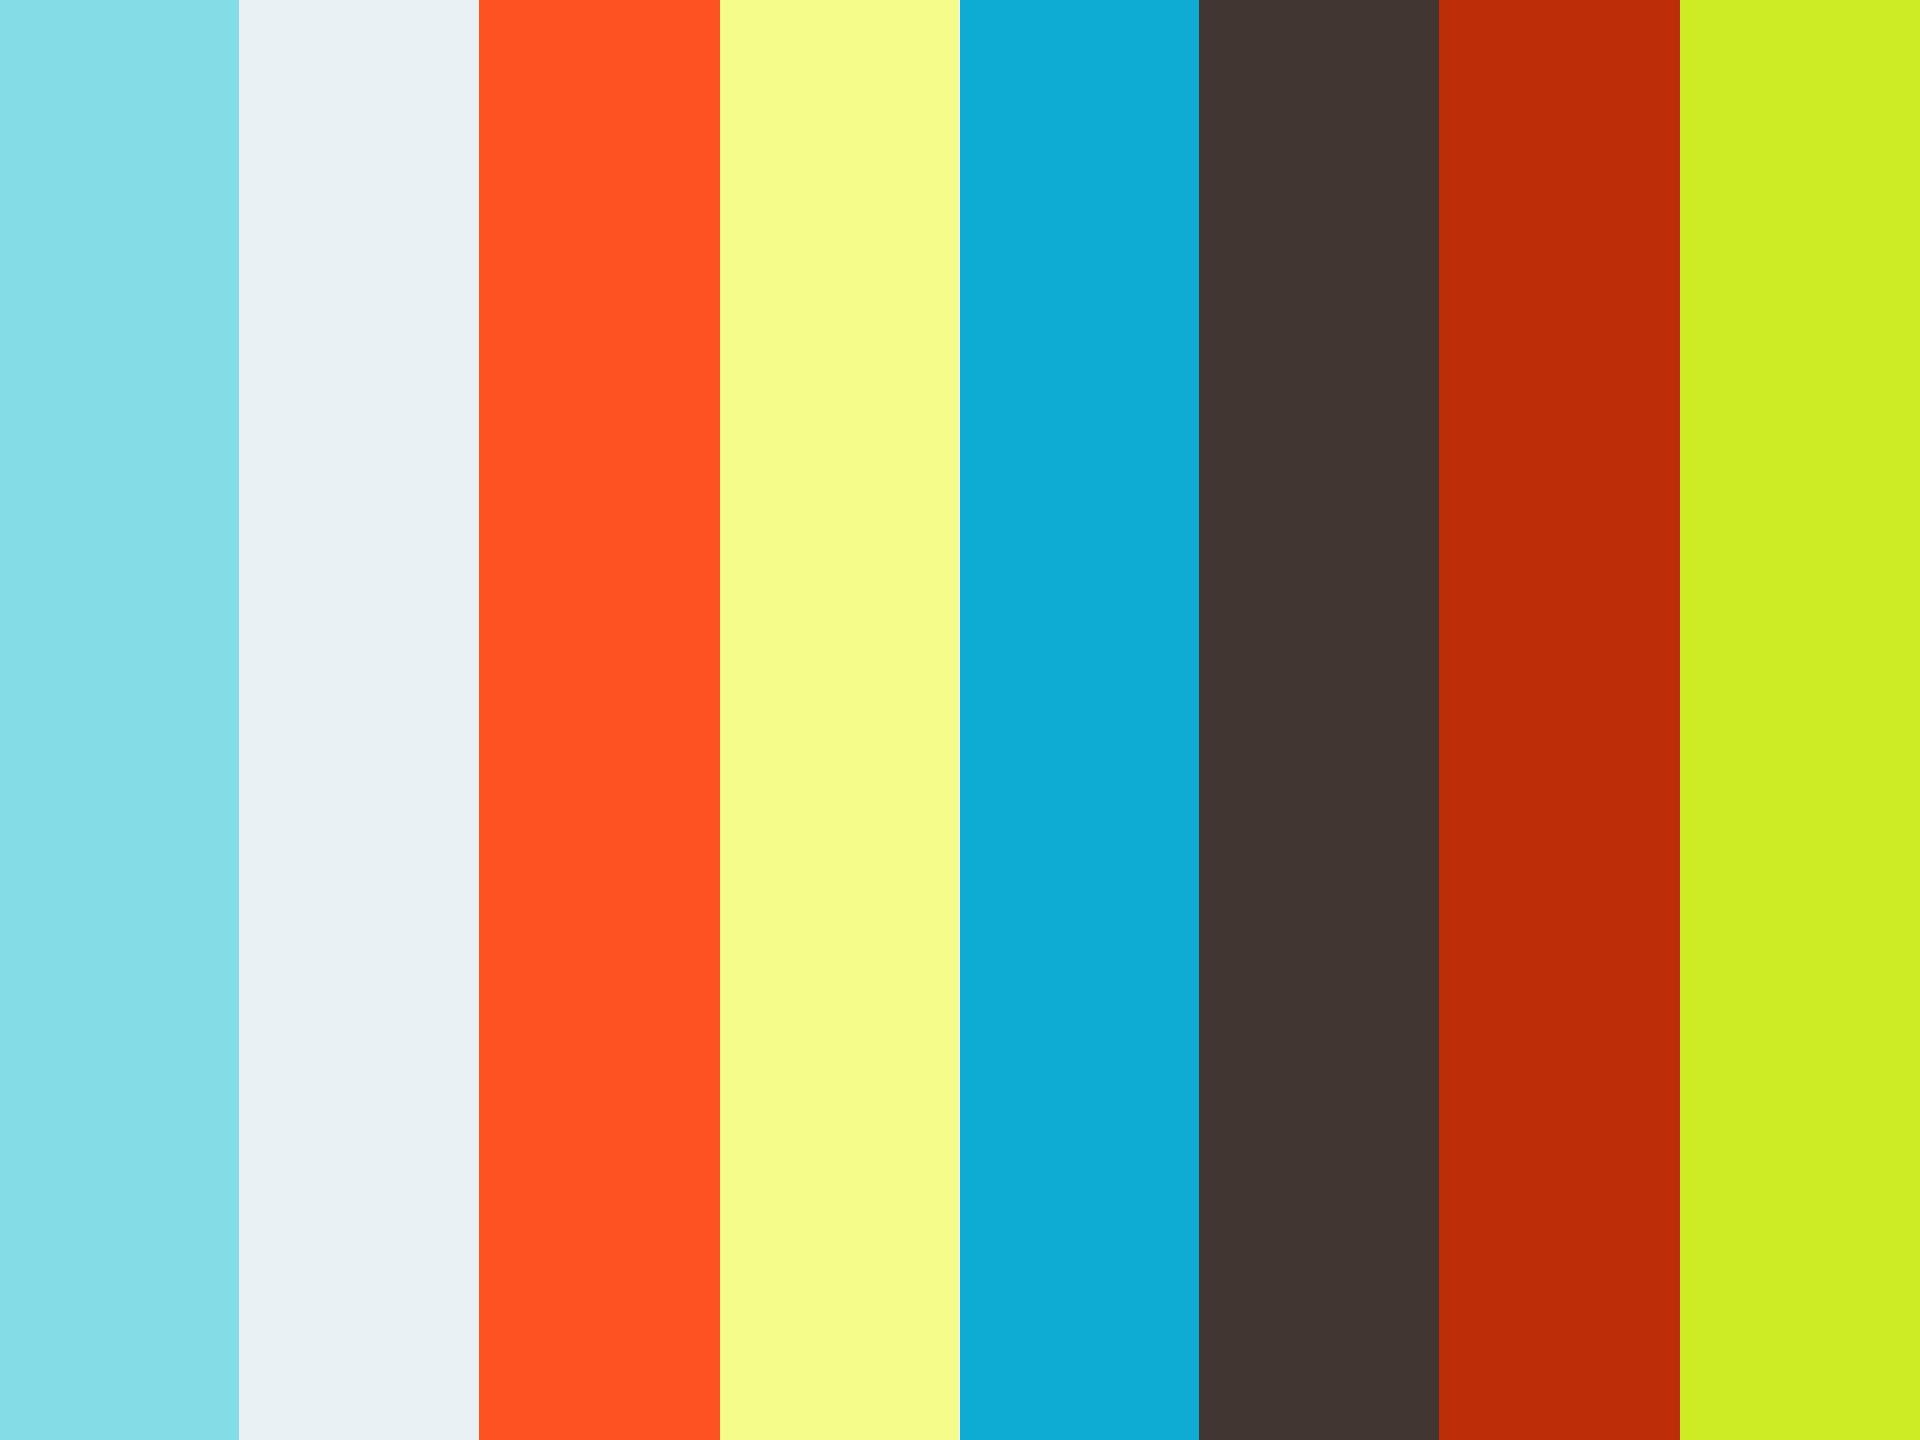 Μένω σπίτι και μαθαίνω | Δημοτική | Αγγλικά Α' & Β' τάξης (Colours) Επ.25